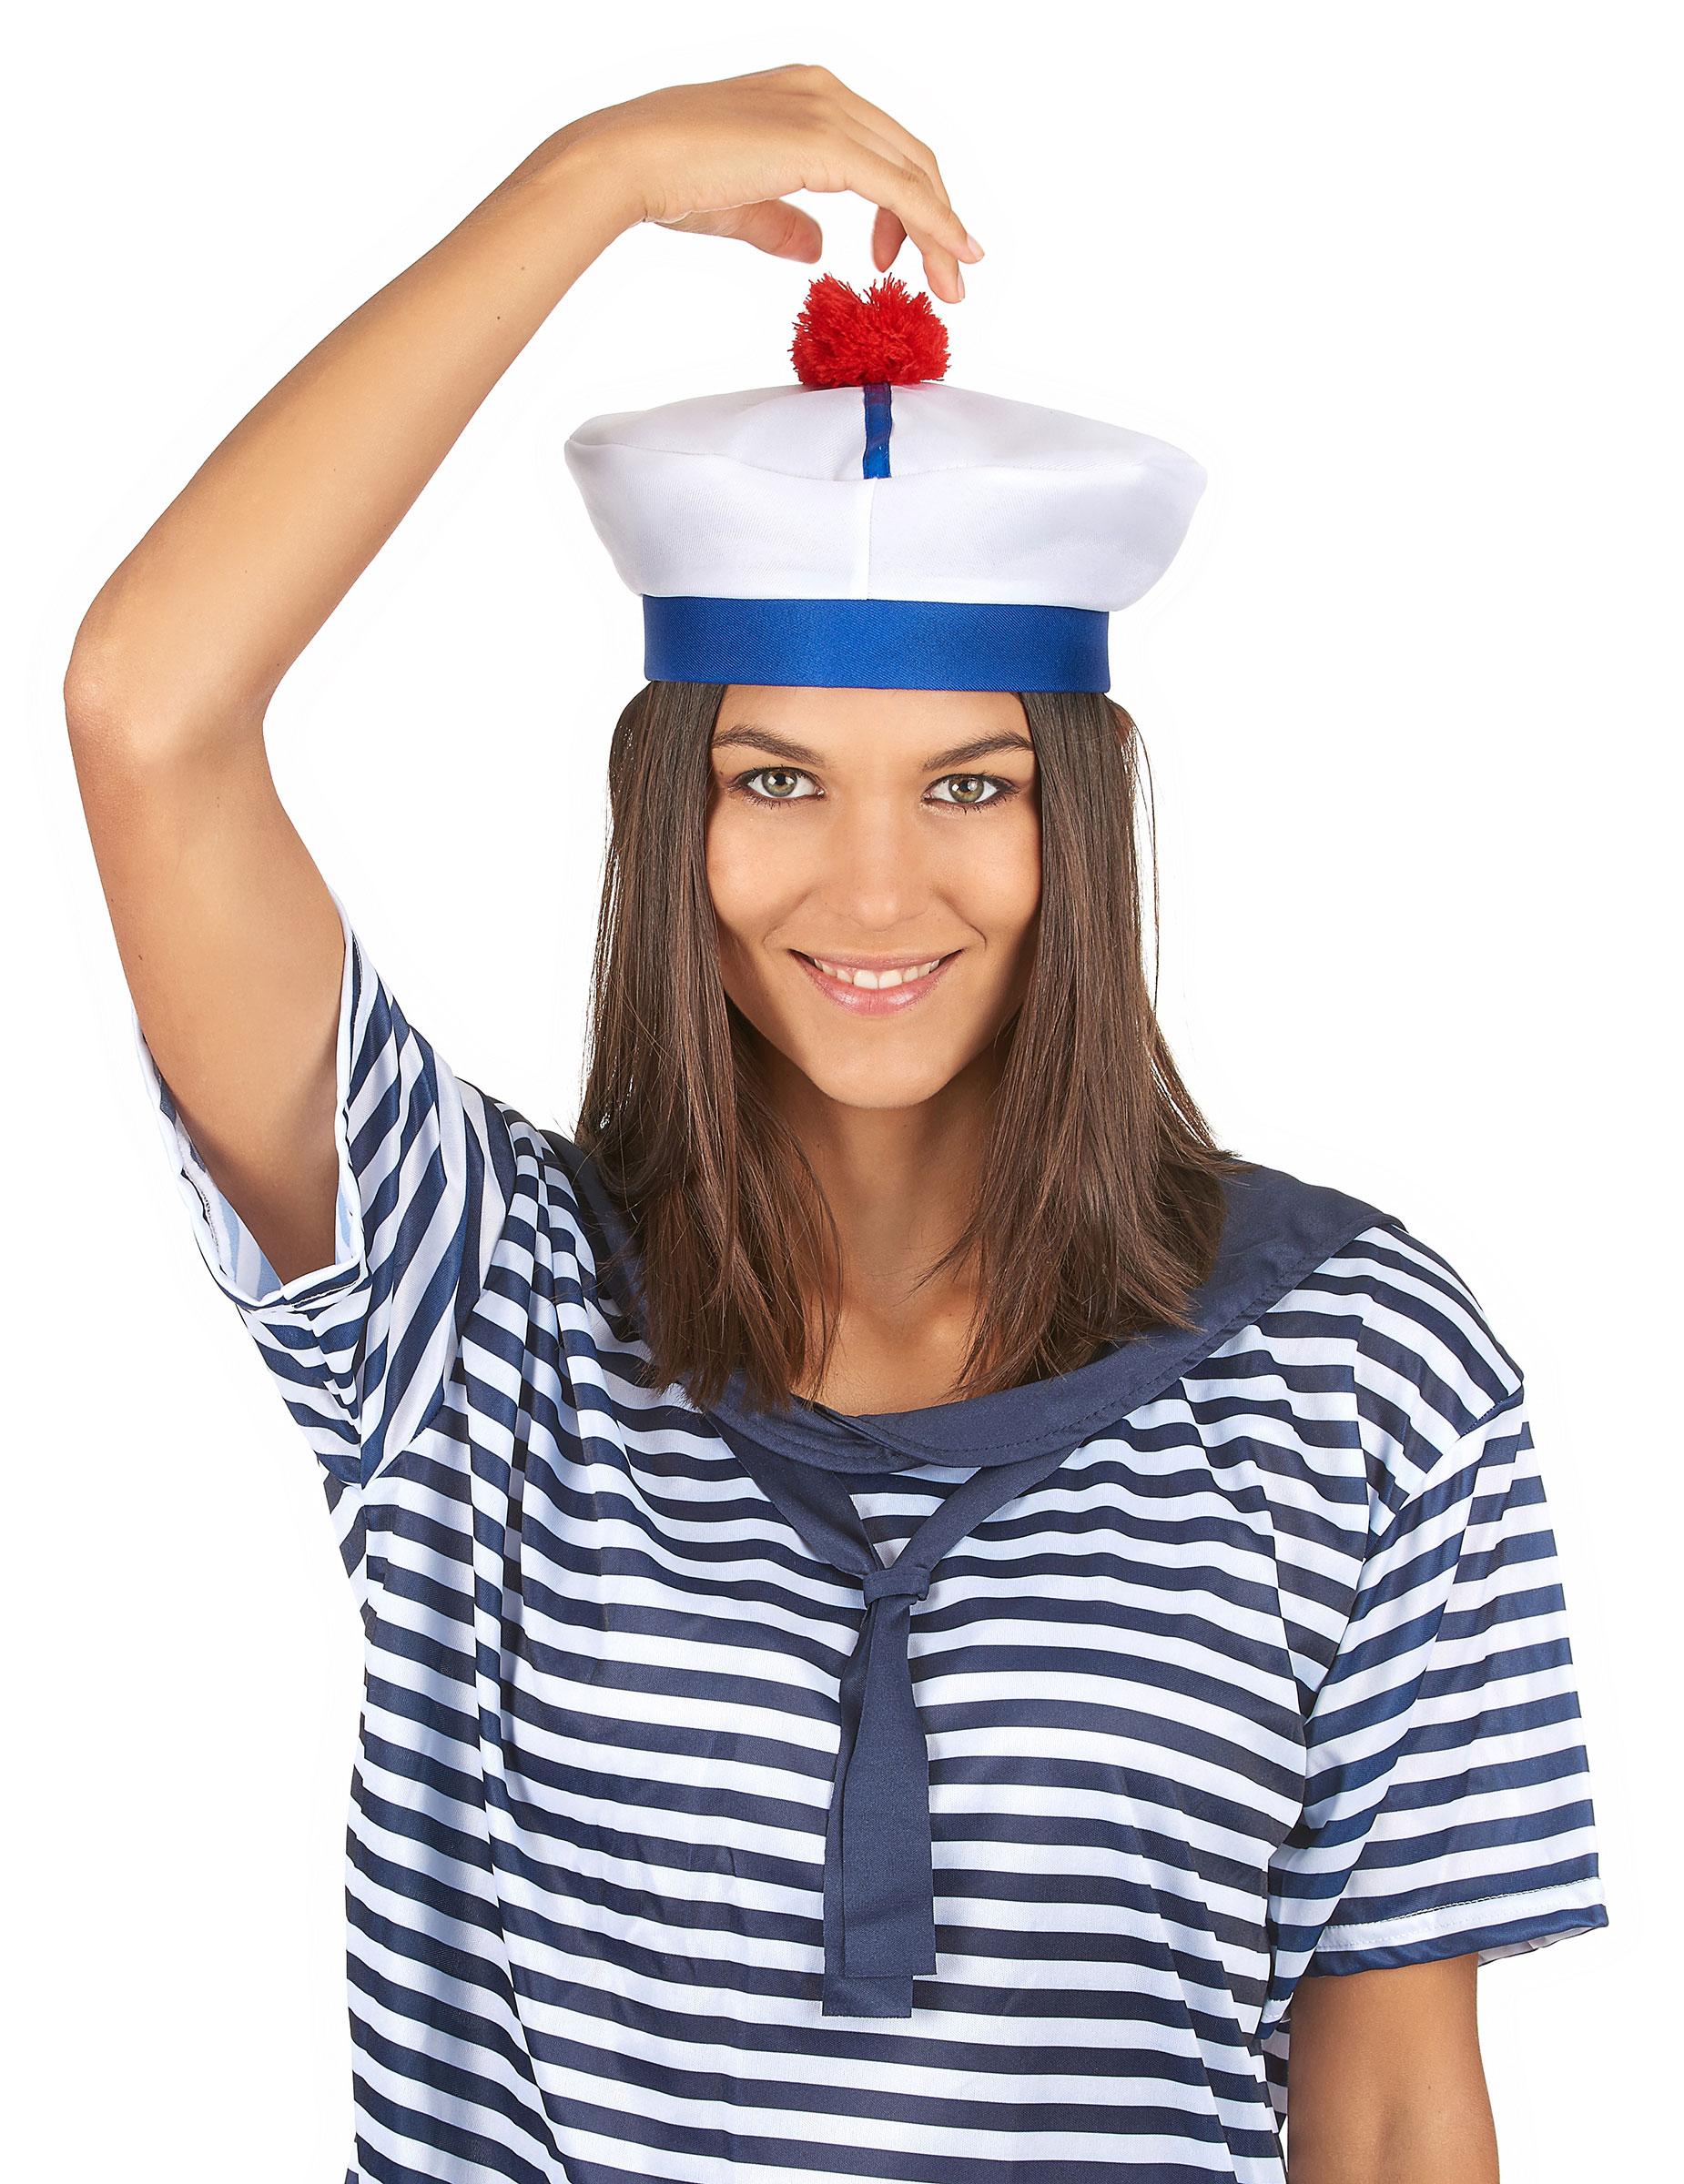 chapeau de marin adulte achat de chapeaux sur vegaoopro grossiste en d guisements. Black Bedroom Furniture Sets. Home Design Ideas